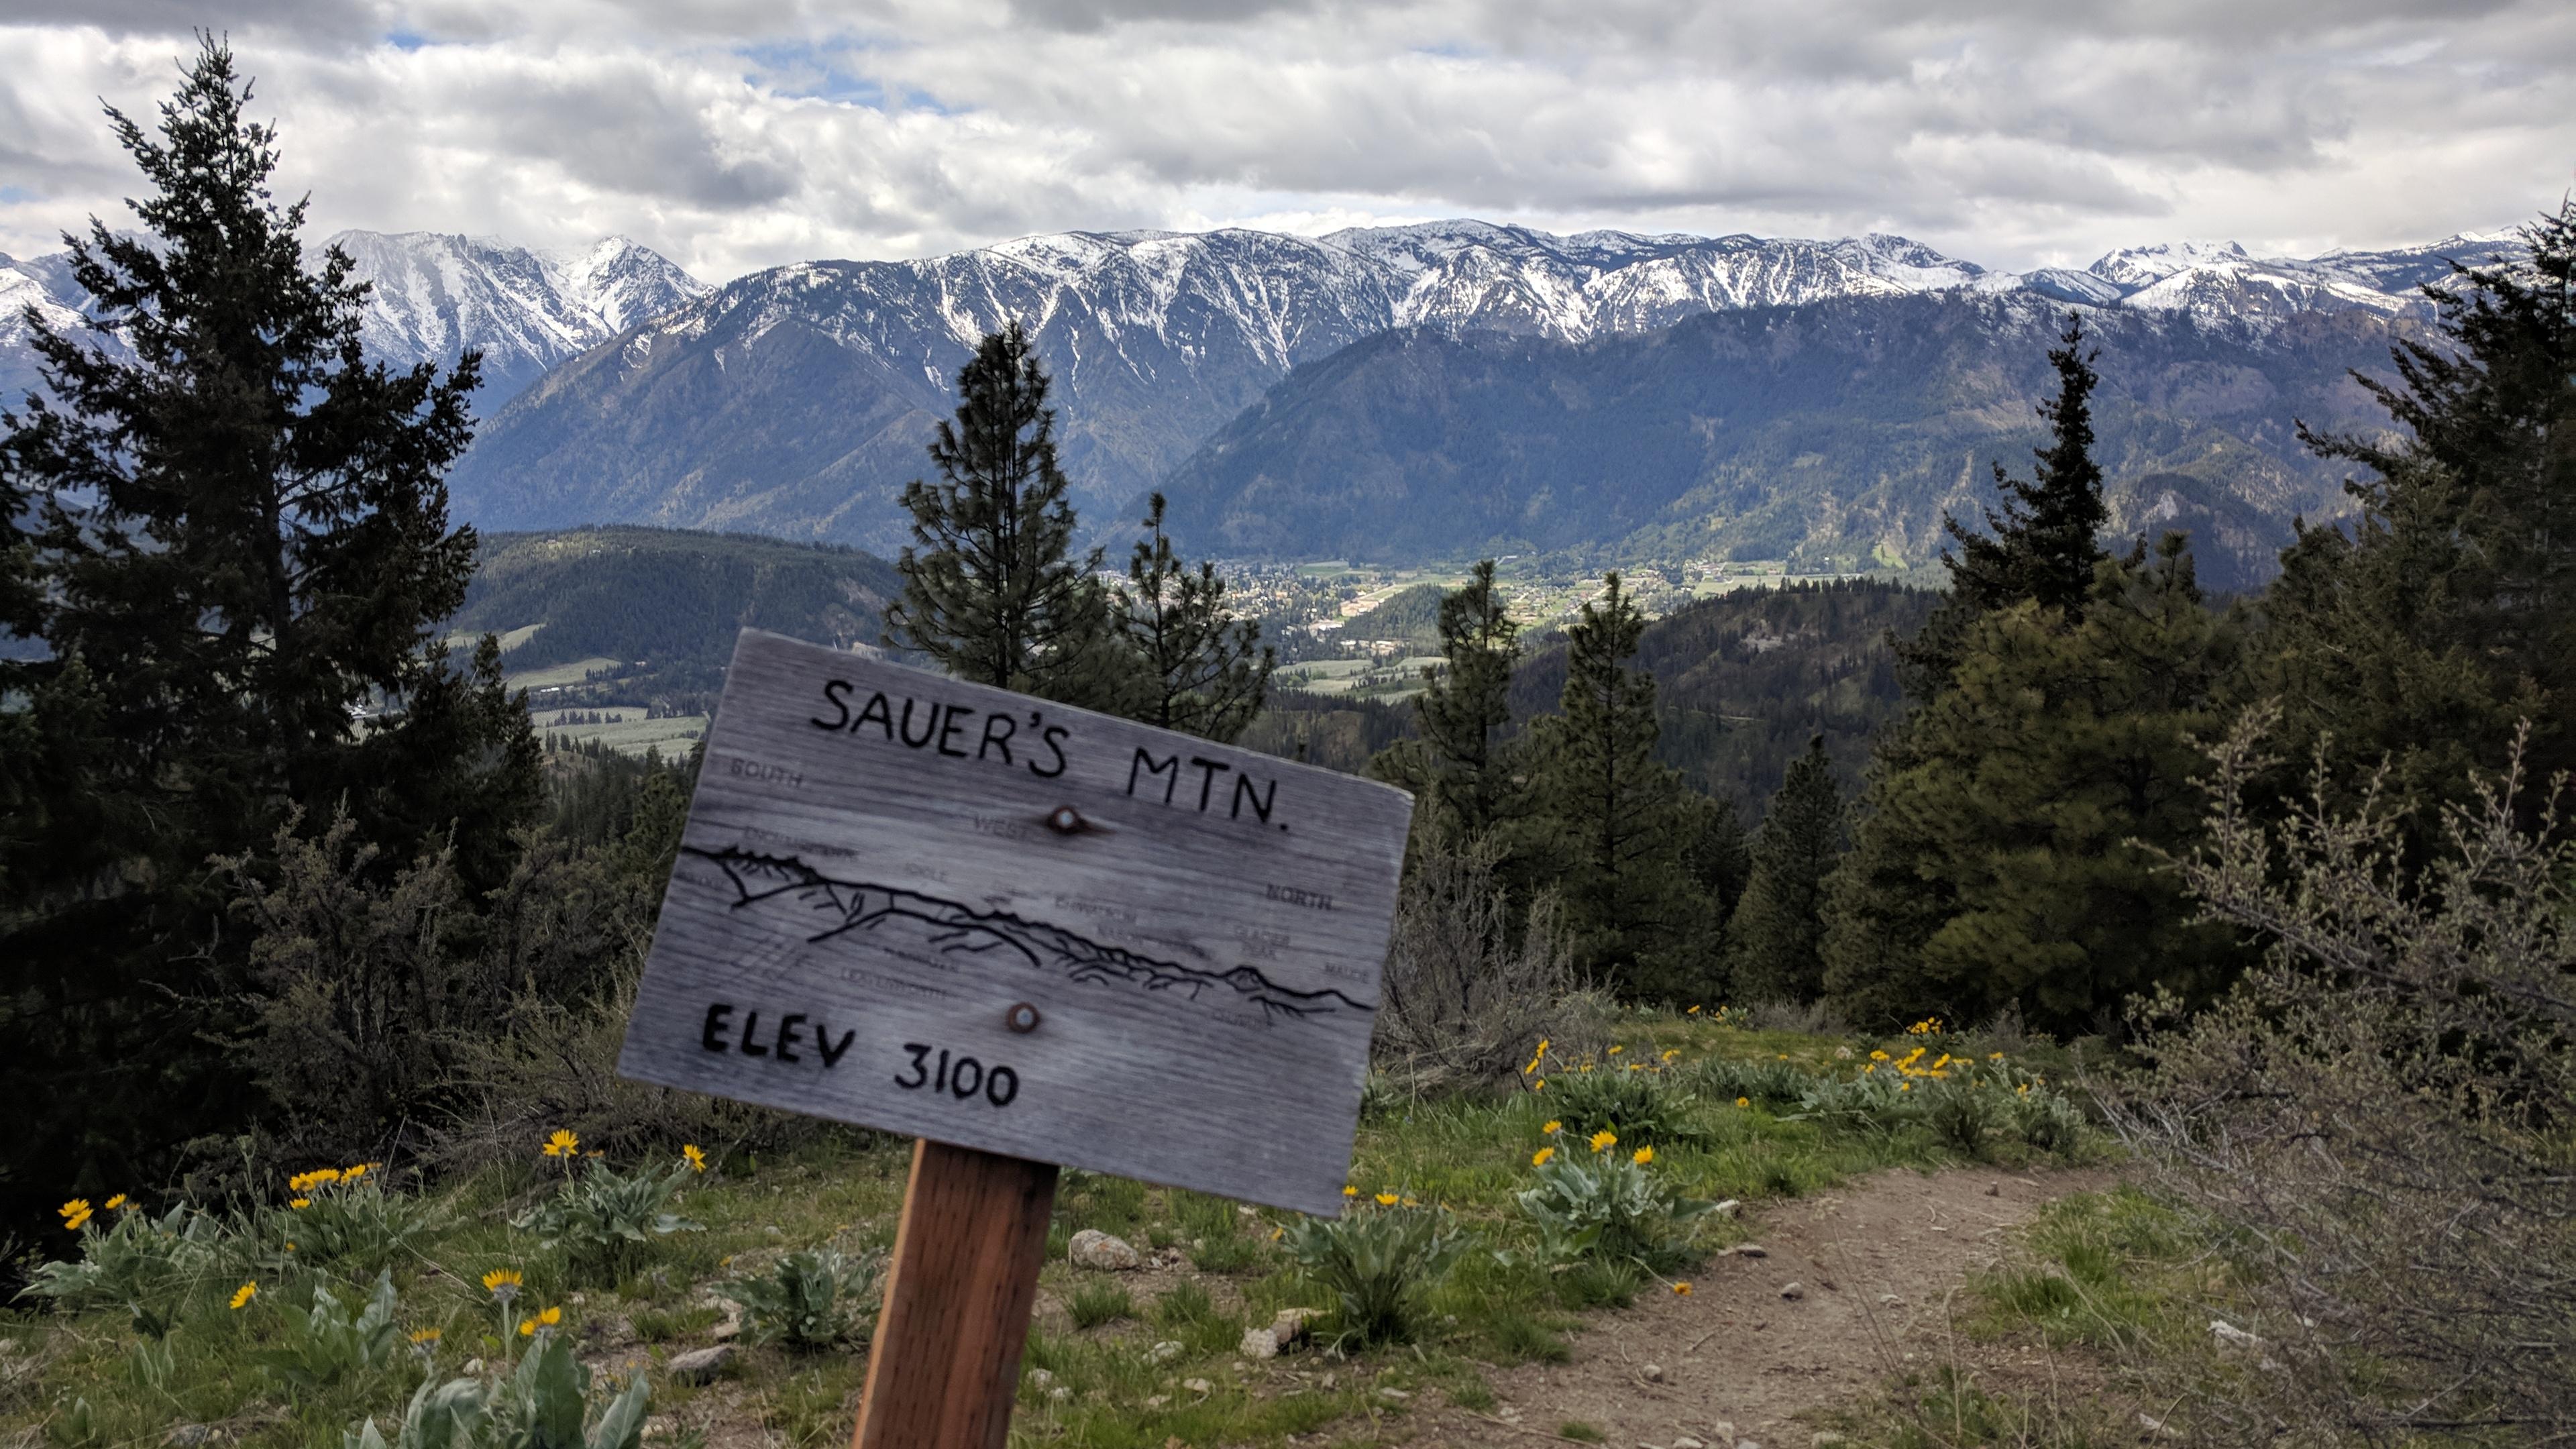 training-pct-summit-sauers-mountain